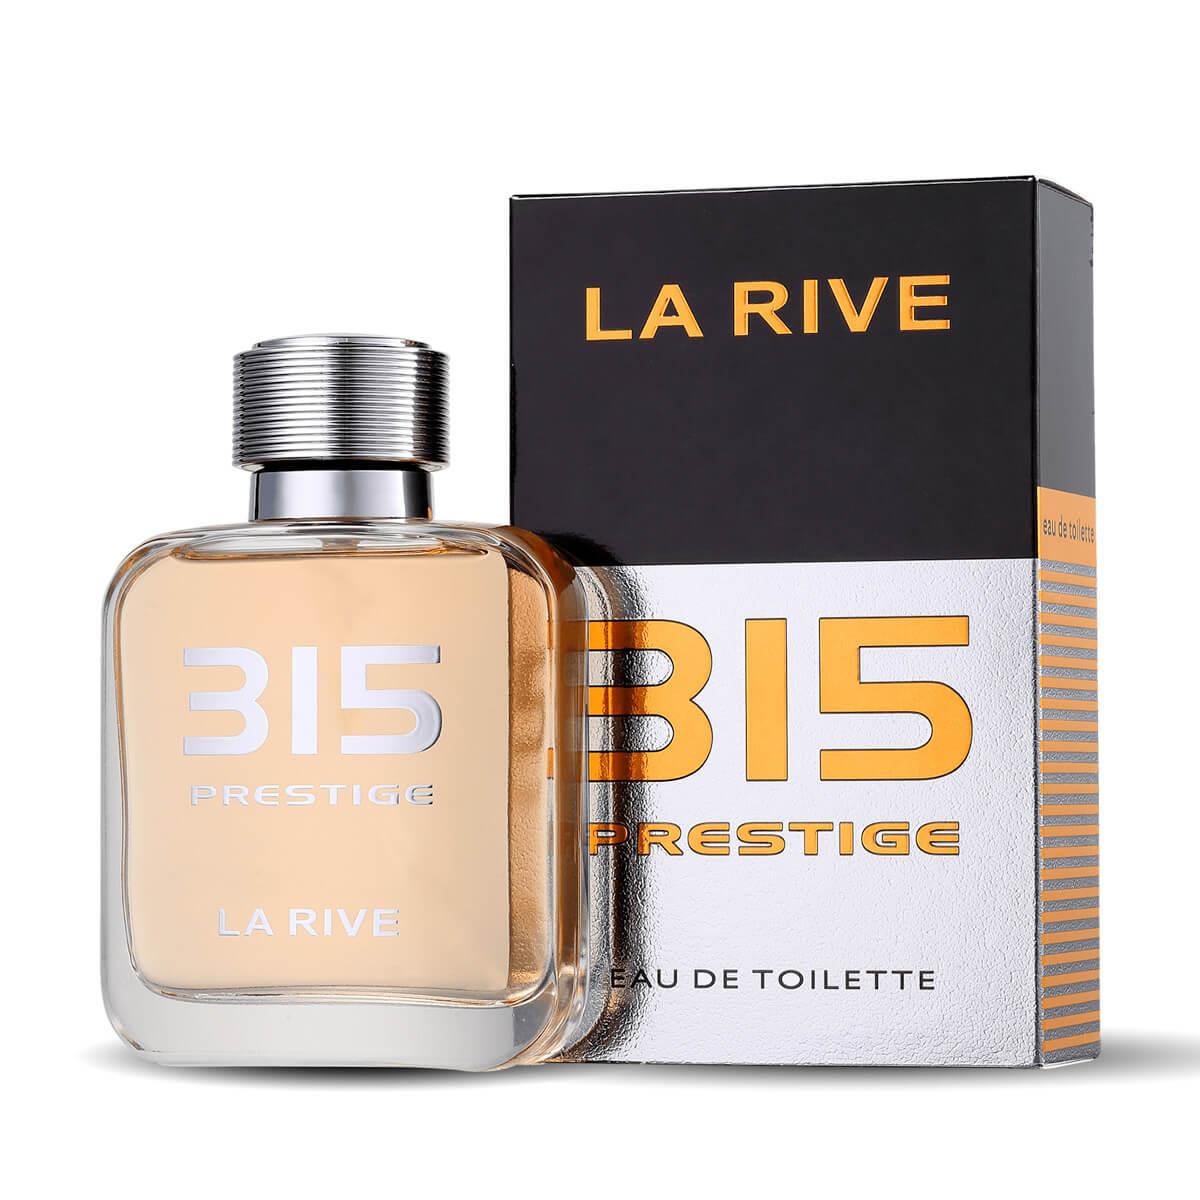 Perfume Prestige 315 Masculino Edt 100ml La Rive